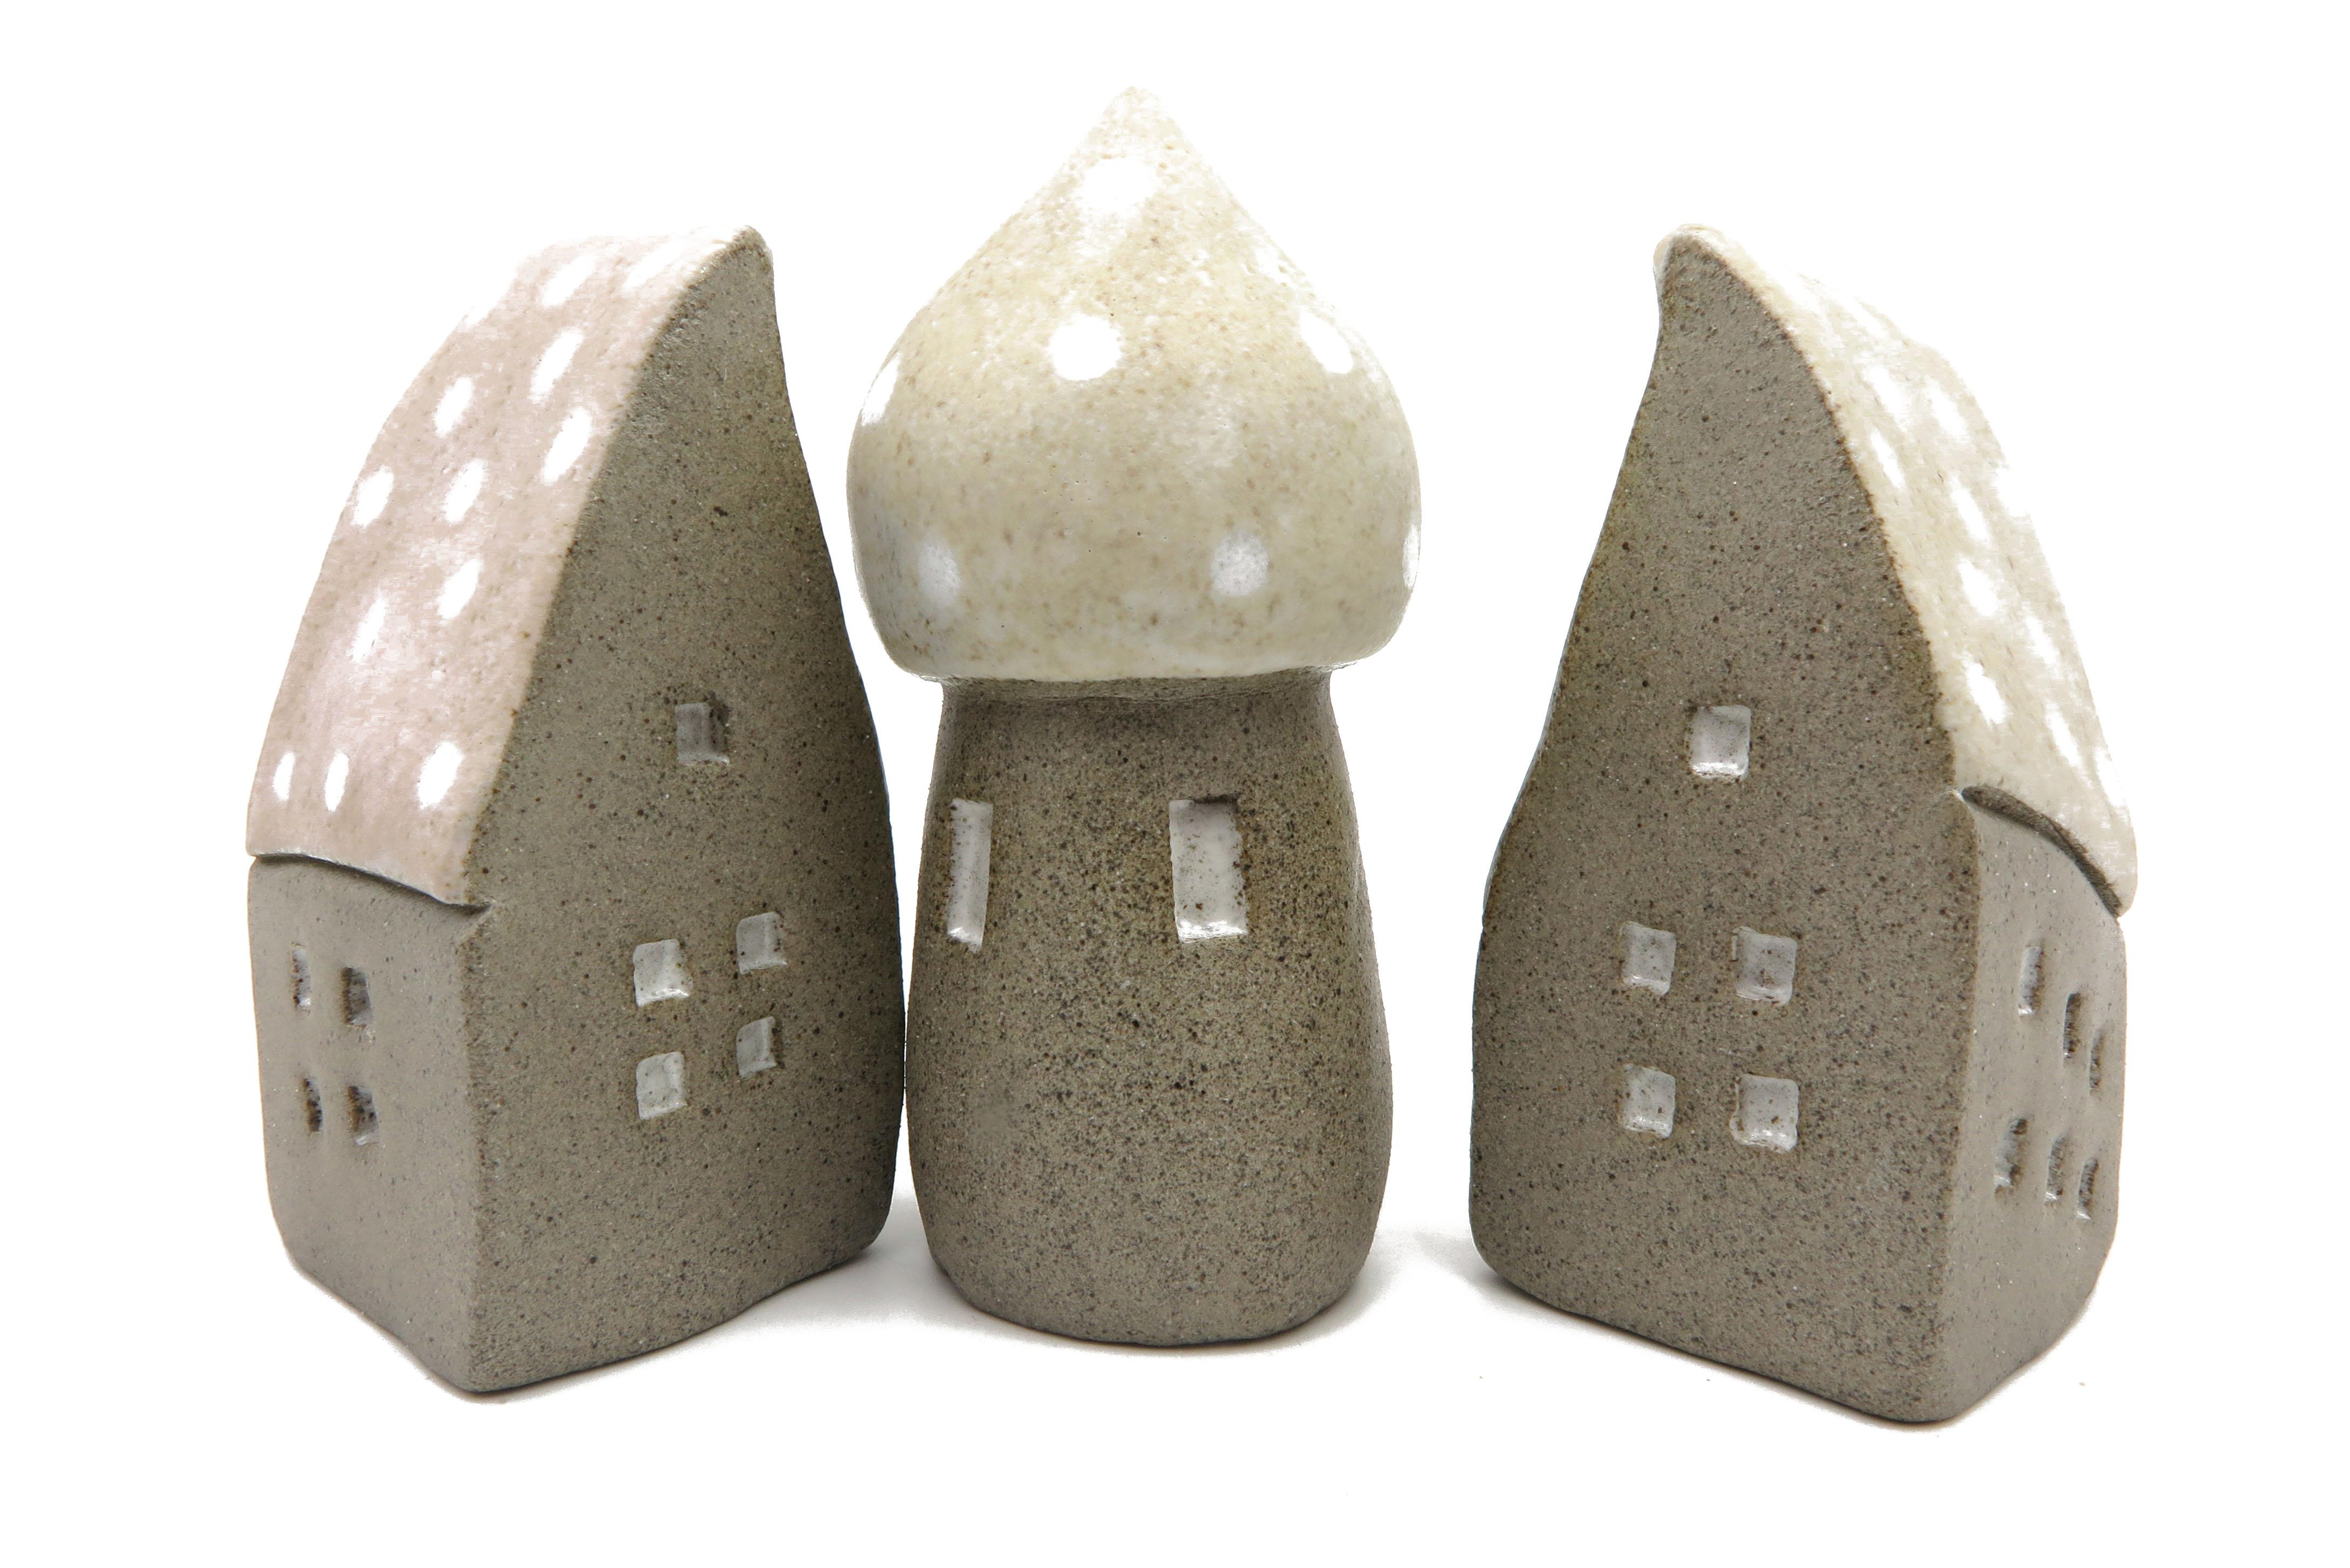 Schiefes Häuschen Miniaturstadt Feengarten Keramik / M 10cm